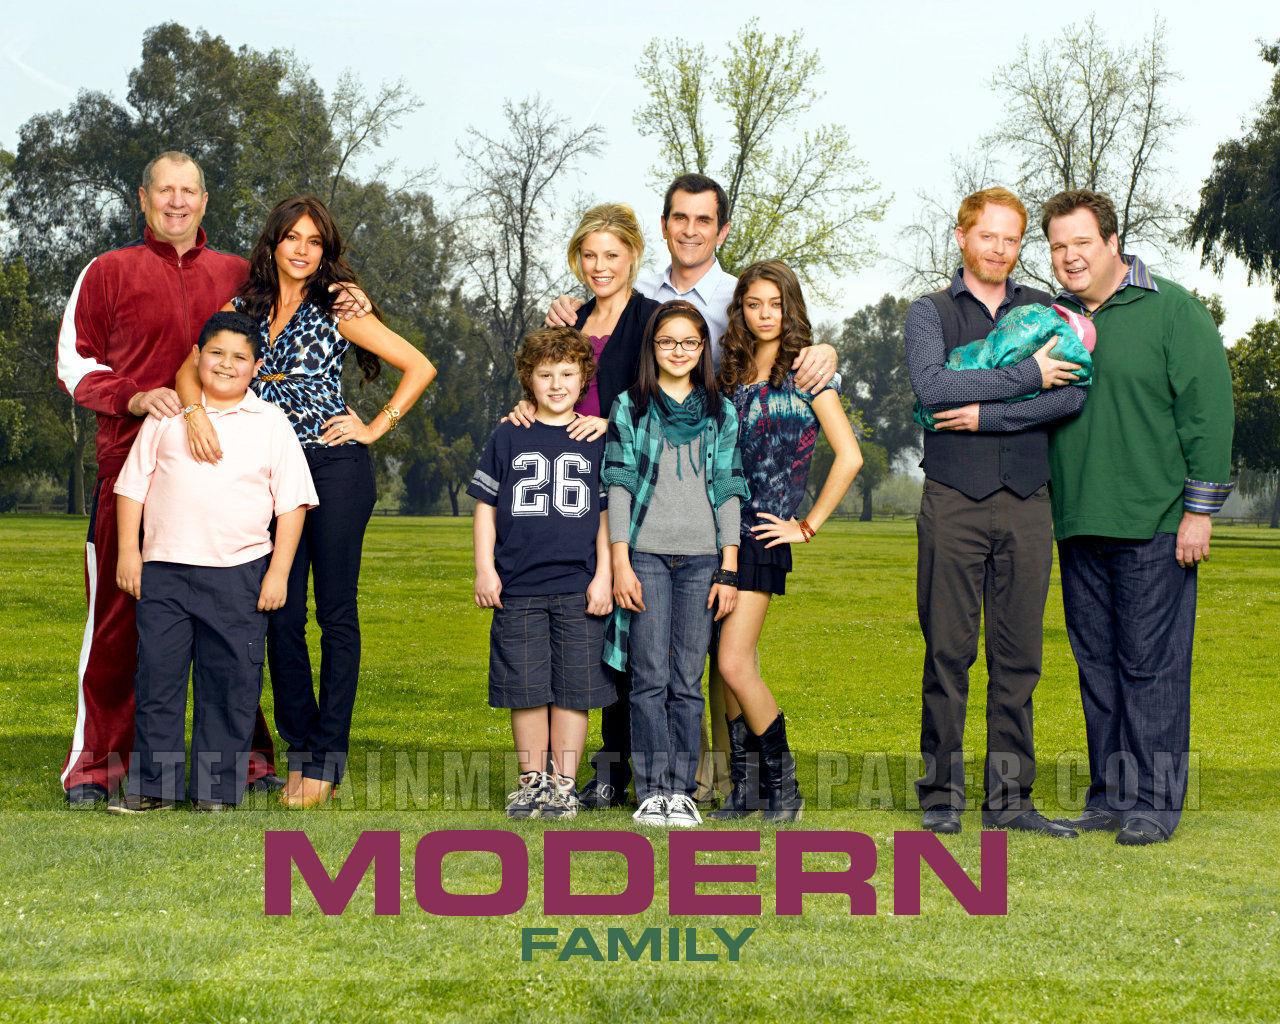 http://1.bp.blogspot.com/_0xhvleWWijk/TGJGQkPGInI/AAAAAAAAAgk/zN_dmb1tRZU/s1600/Modern-Family-Wallpaper-modern-family-8938506-1280-1024.jpg